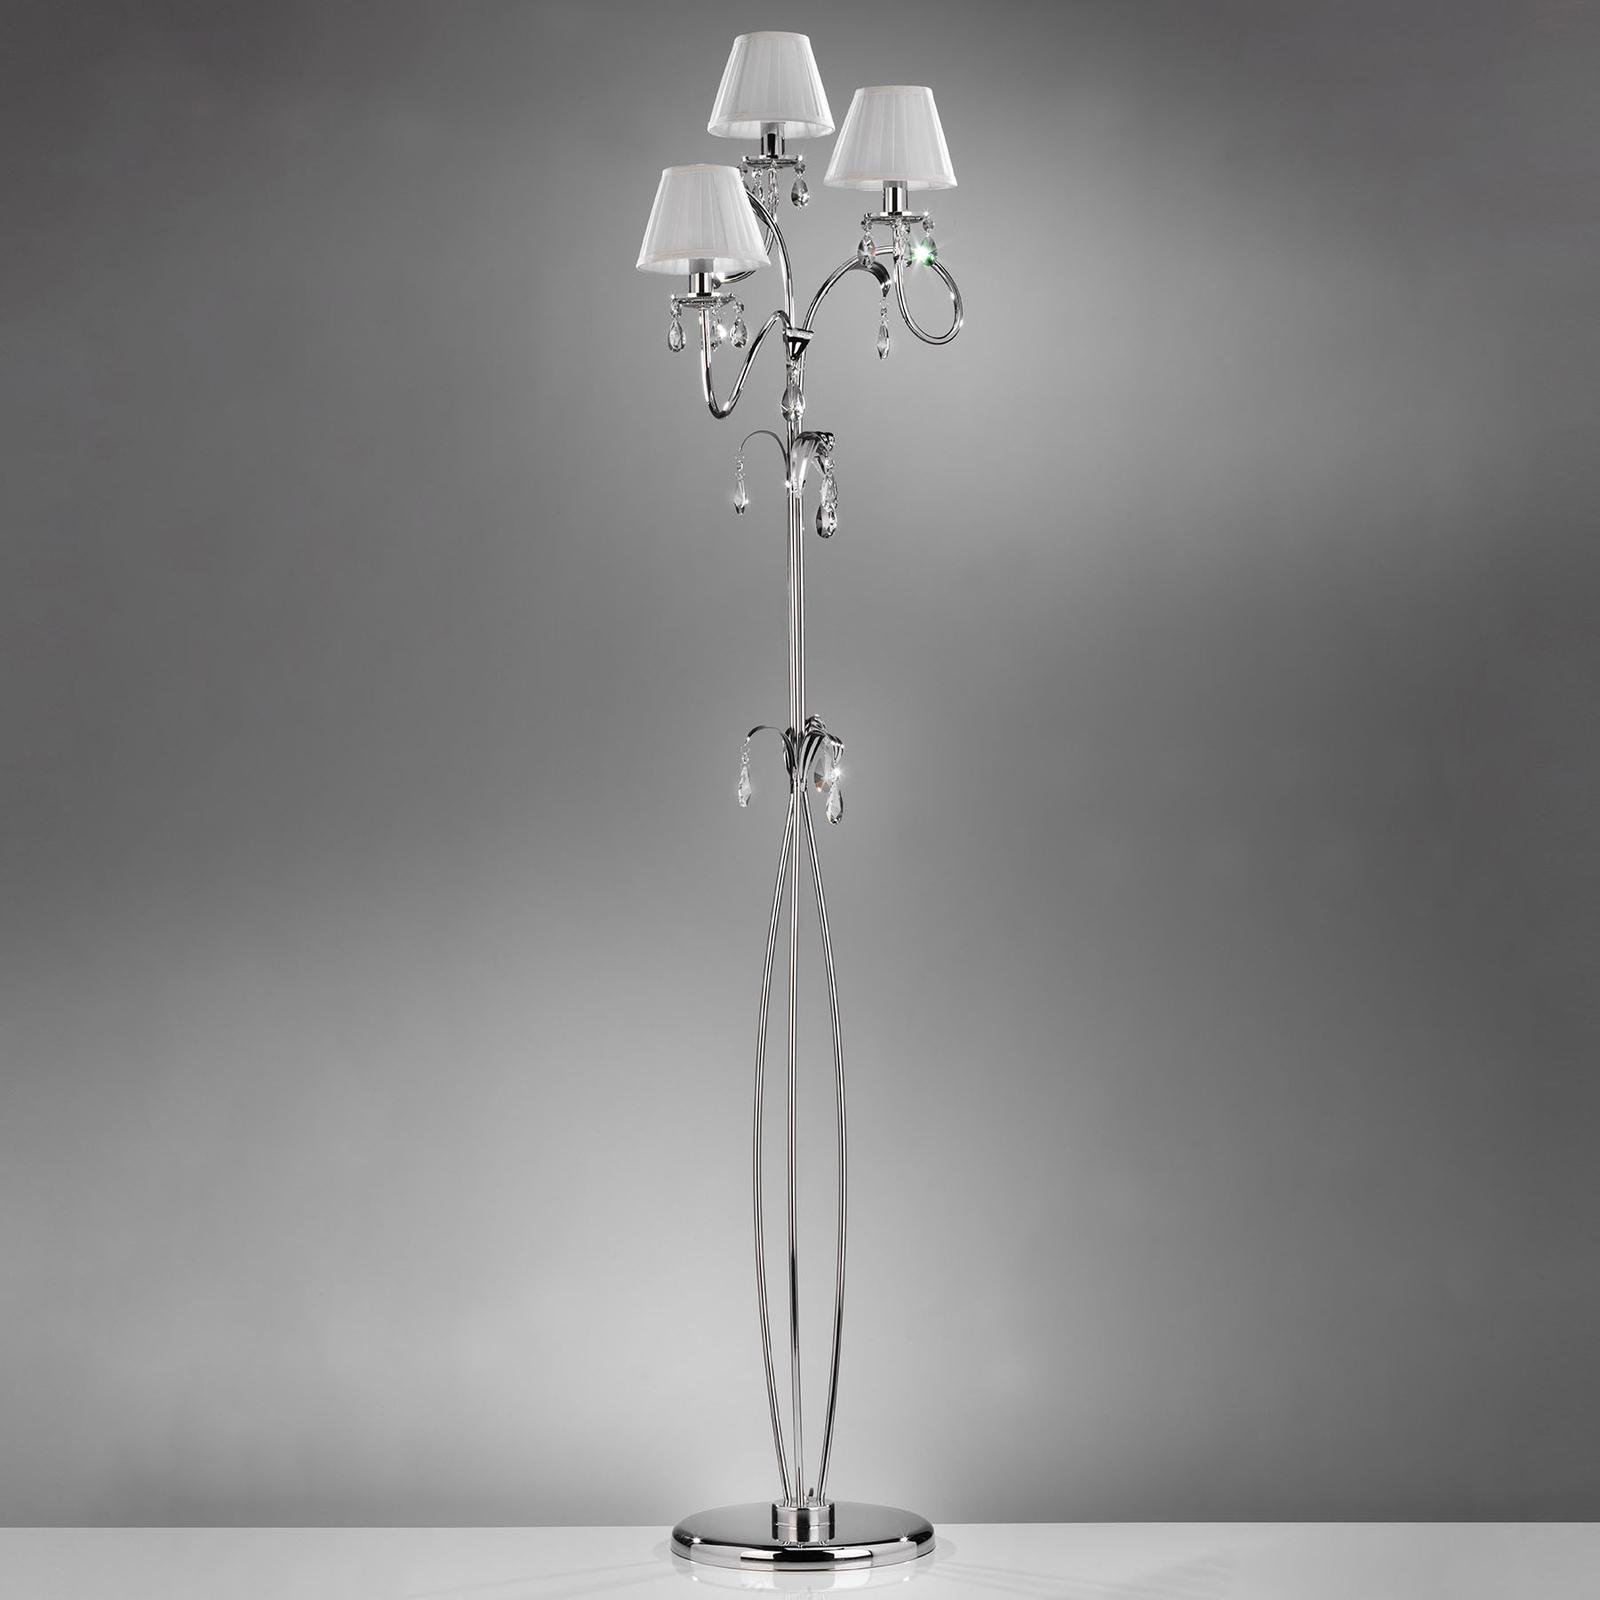 Lattiavalaisin Jacqueline, 3-lamppuinen, valkoinen